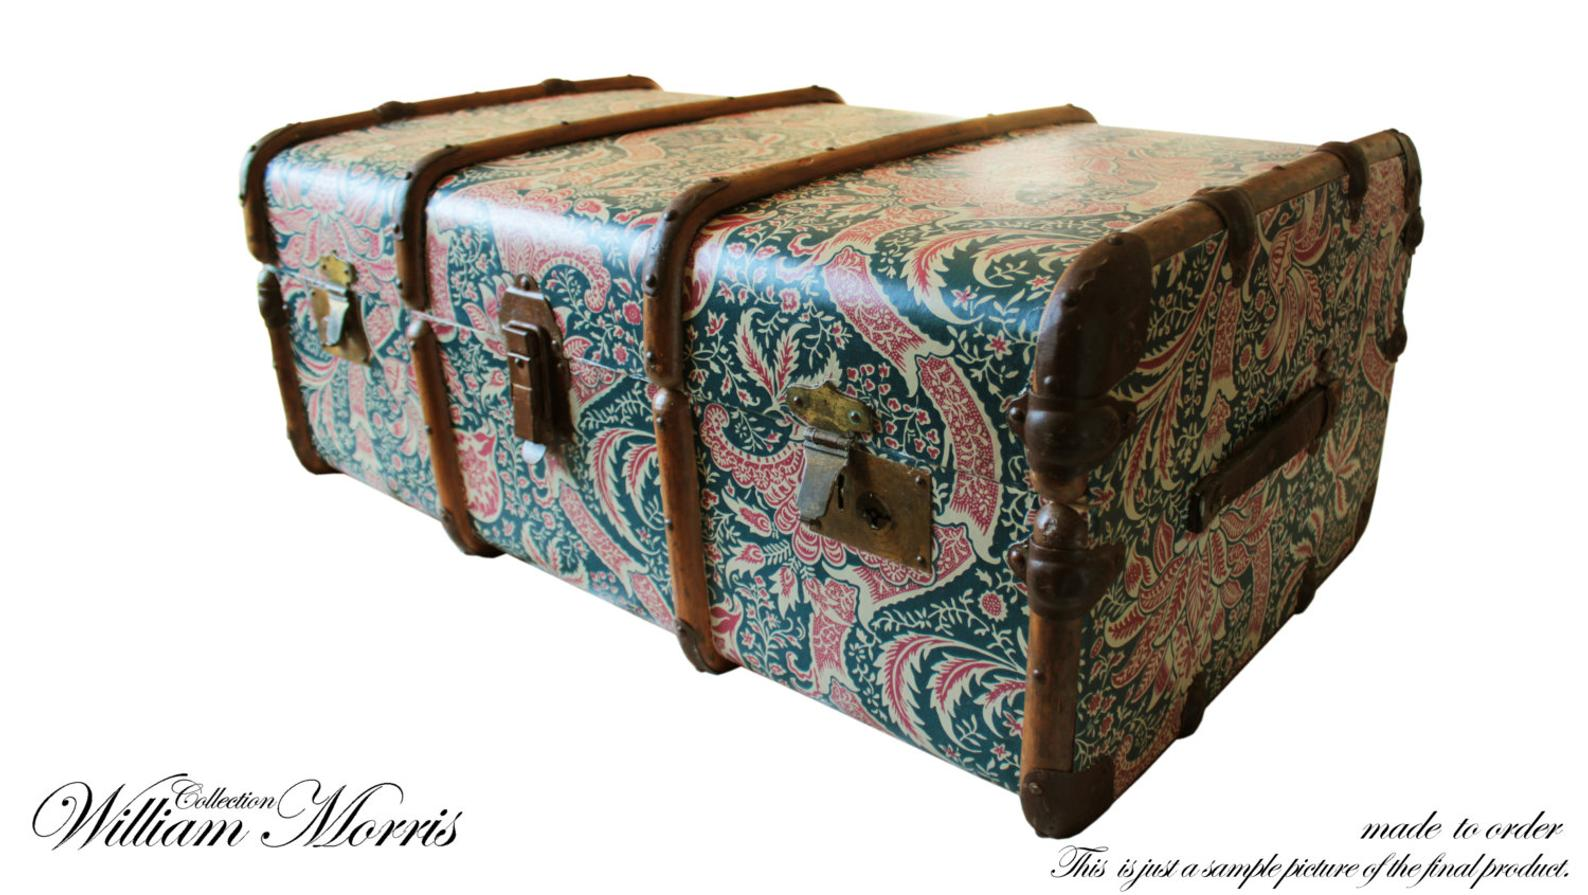 Exclusiva William Morris Wallpaper Vintage vapor tronco mesa de centro, Banco de almacenamiento de pecho de juguete. Decoración única casera de los muebles de Upcycled: Morris